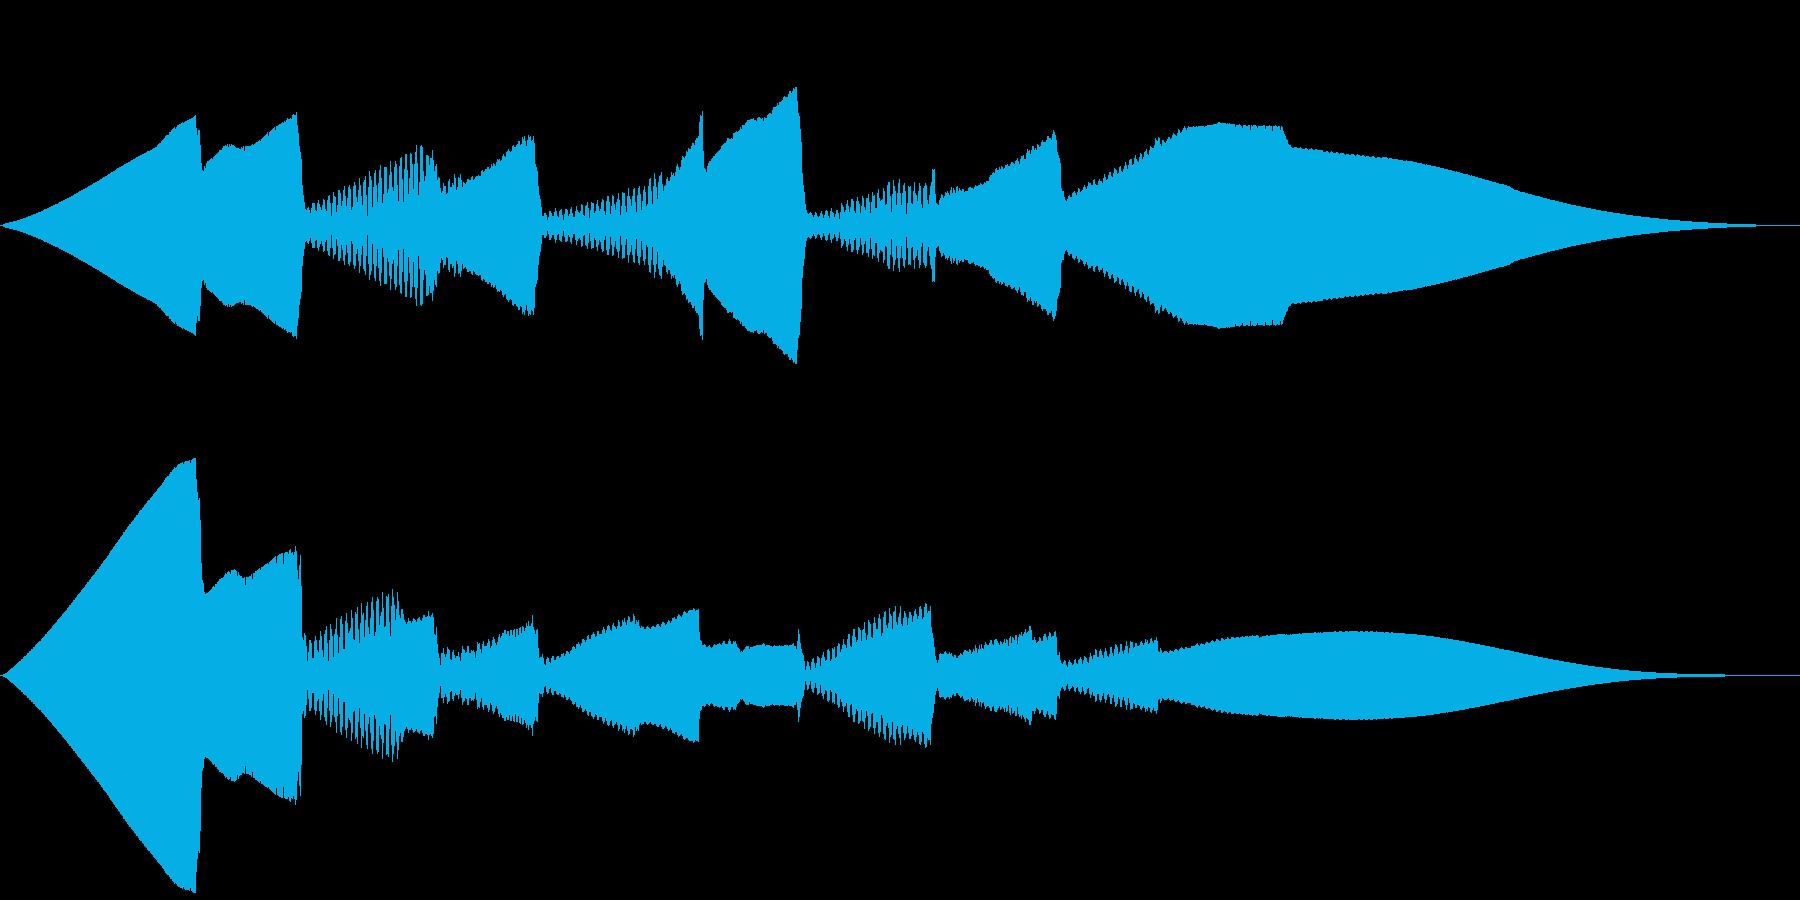 5秒CM用、ほのぼの家族verBの再生済みの波形